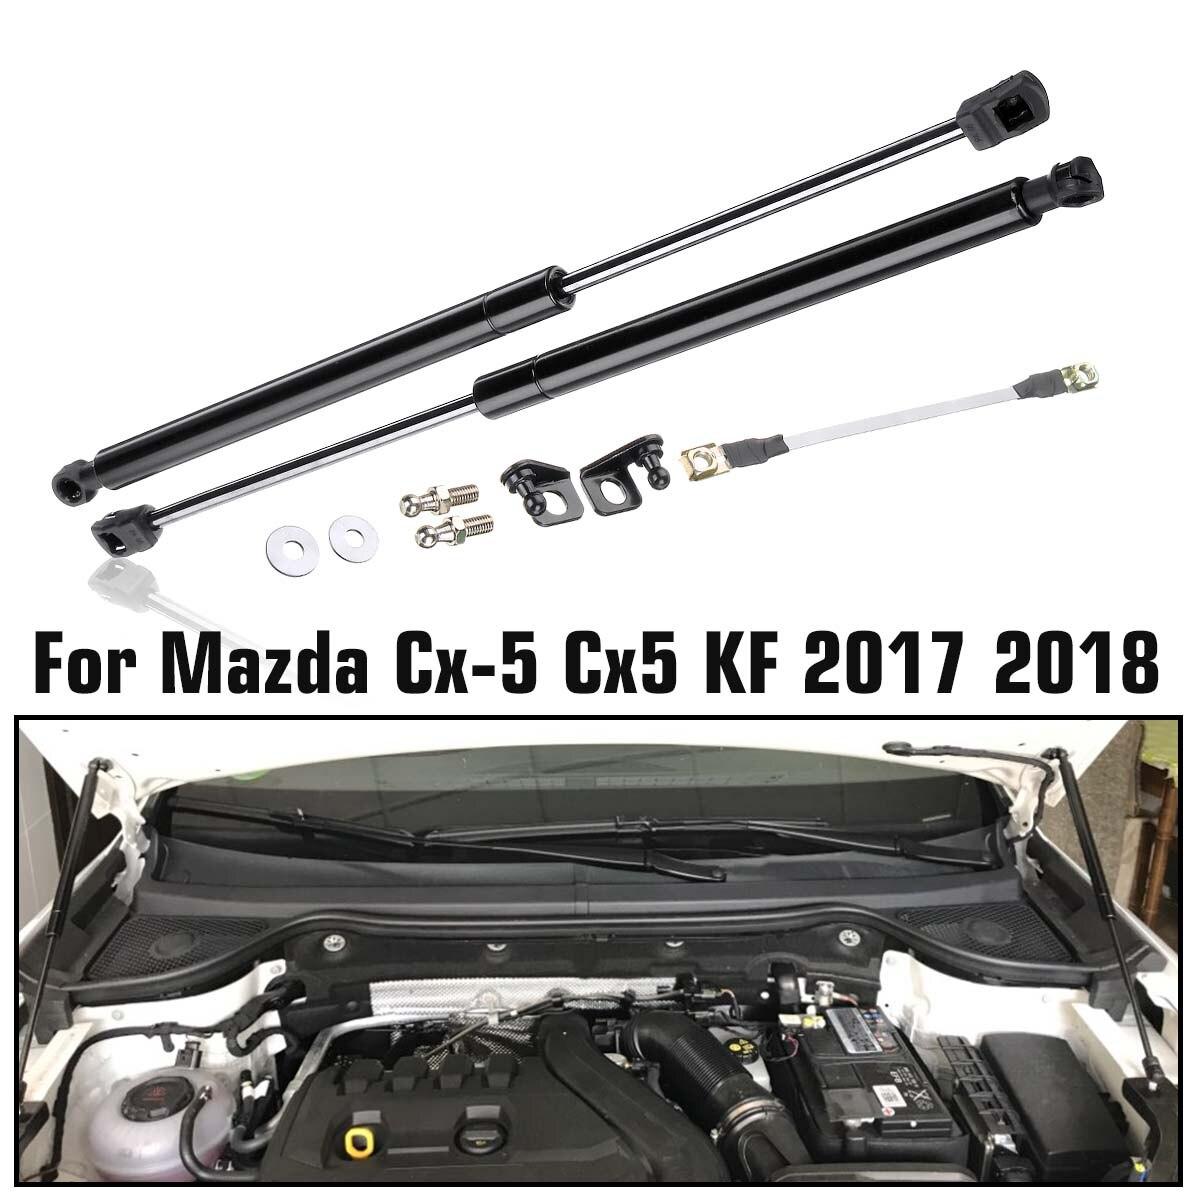 자동차 엔진 커버는 struts로드 프론트 보닛 후드 리프트 유압로드 스트럿 스프링 쇼크 바를 지원합니다. mazda cx5 CX-5 2017 2018